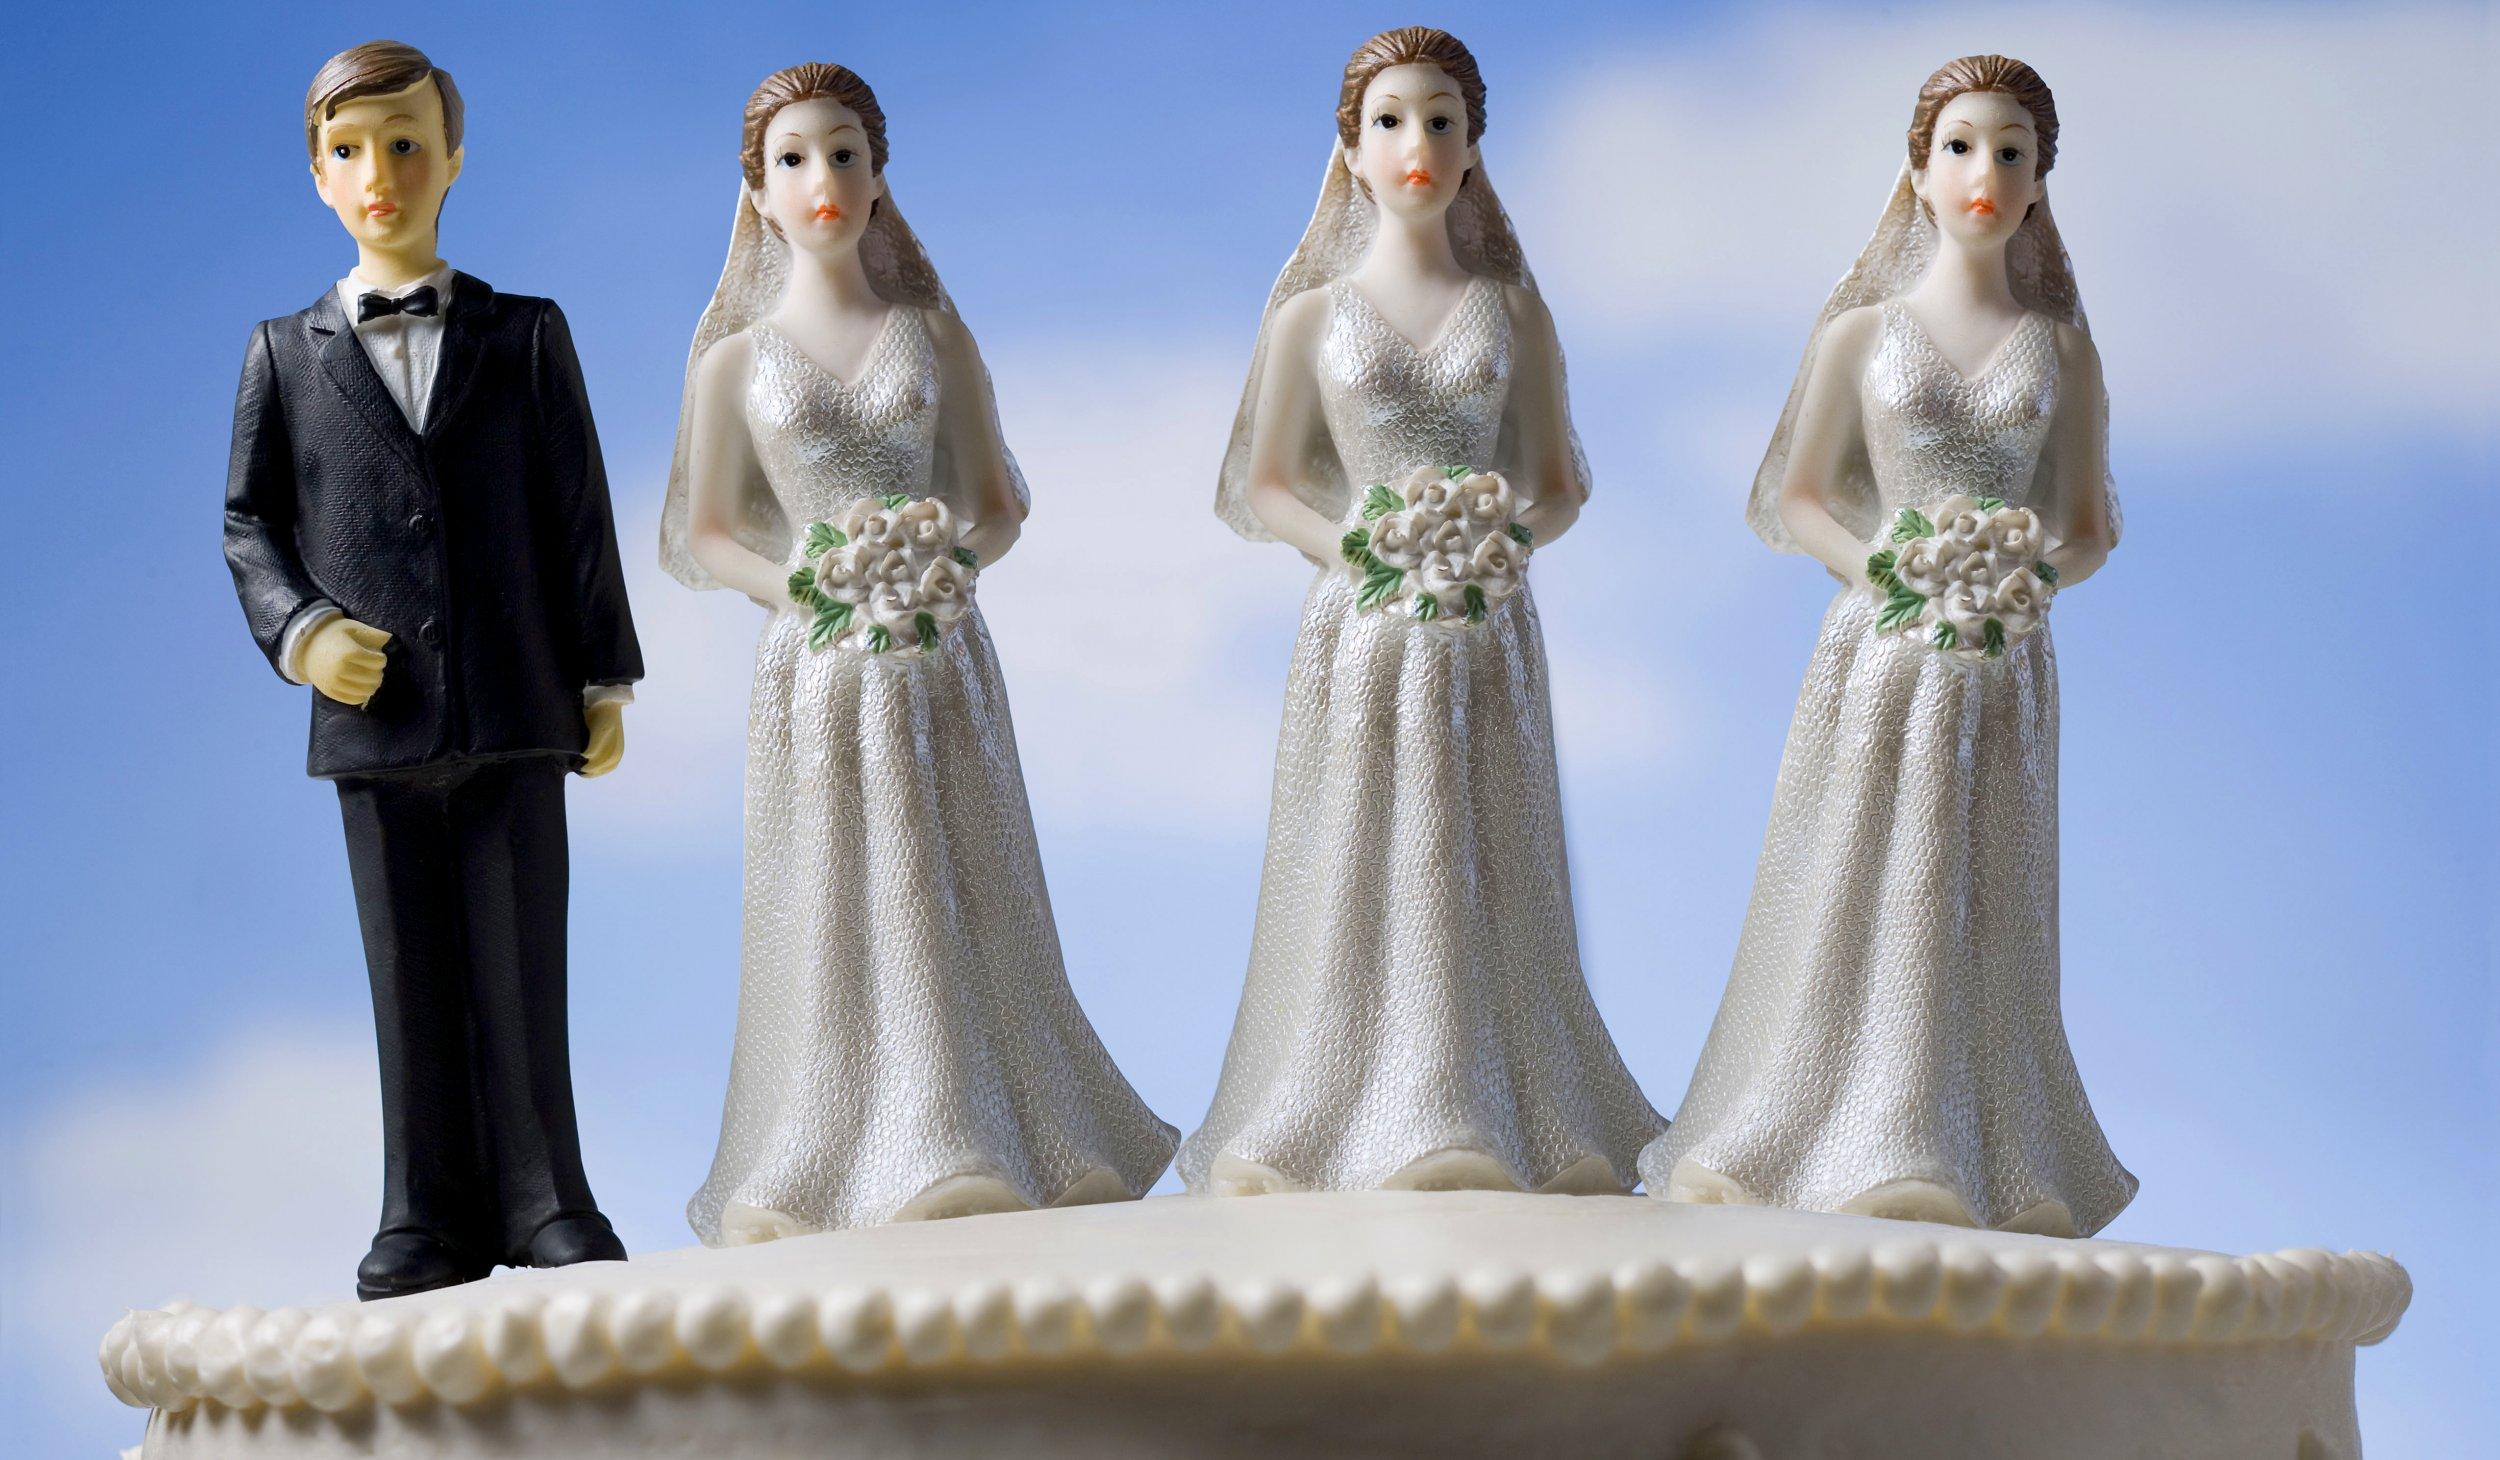 Fair lds polygamy essay